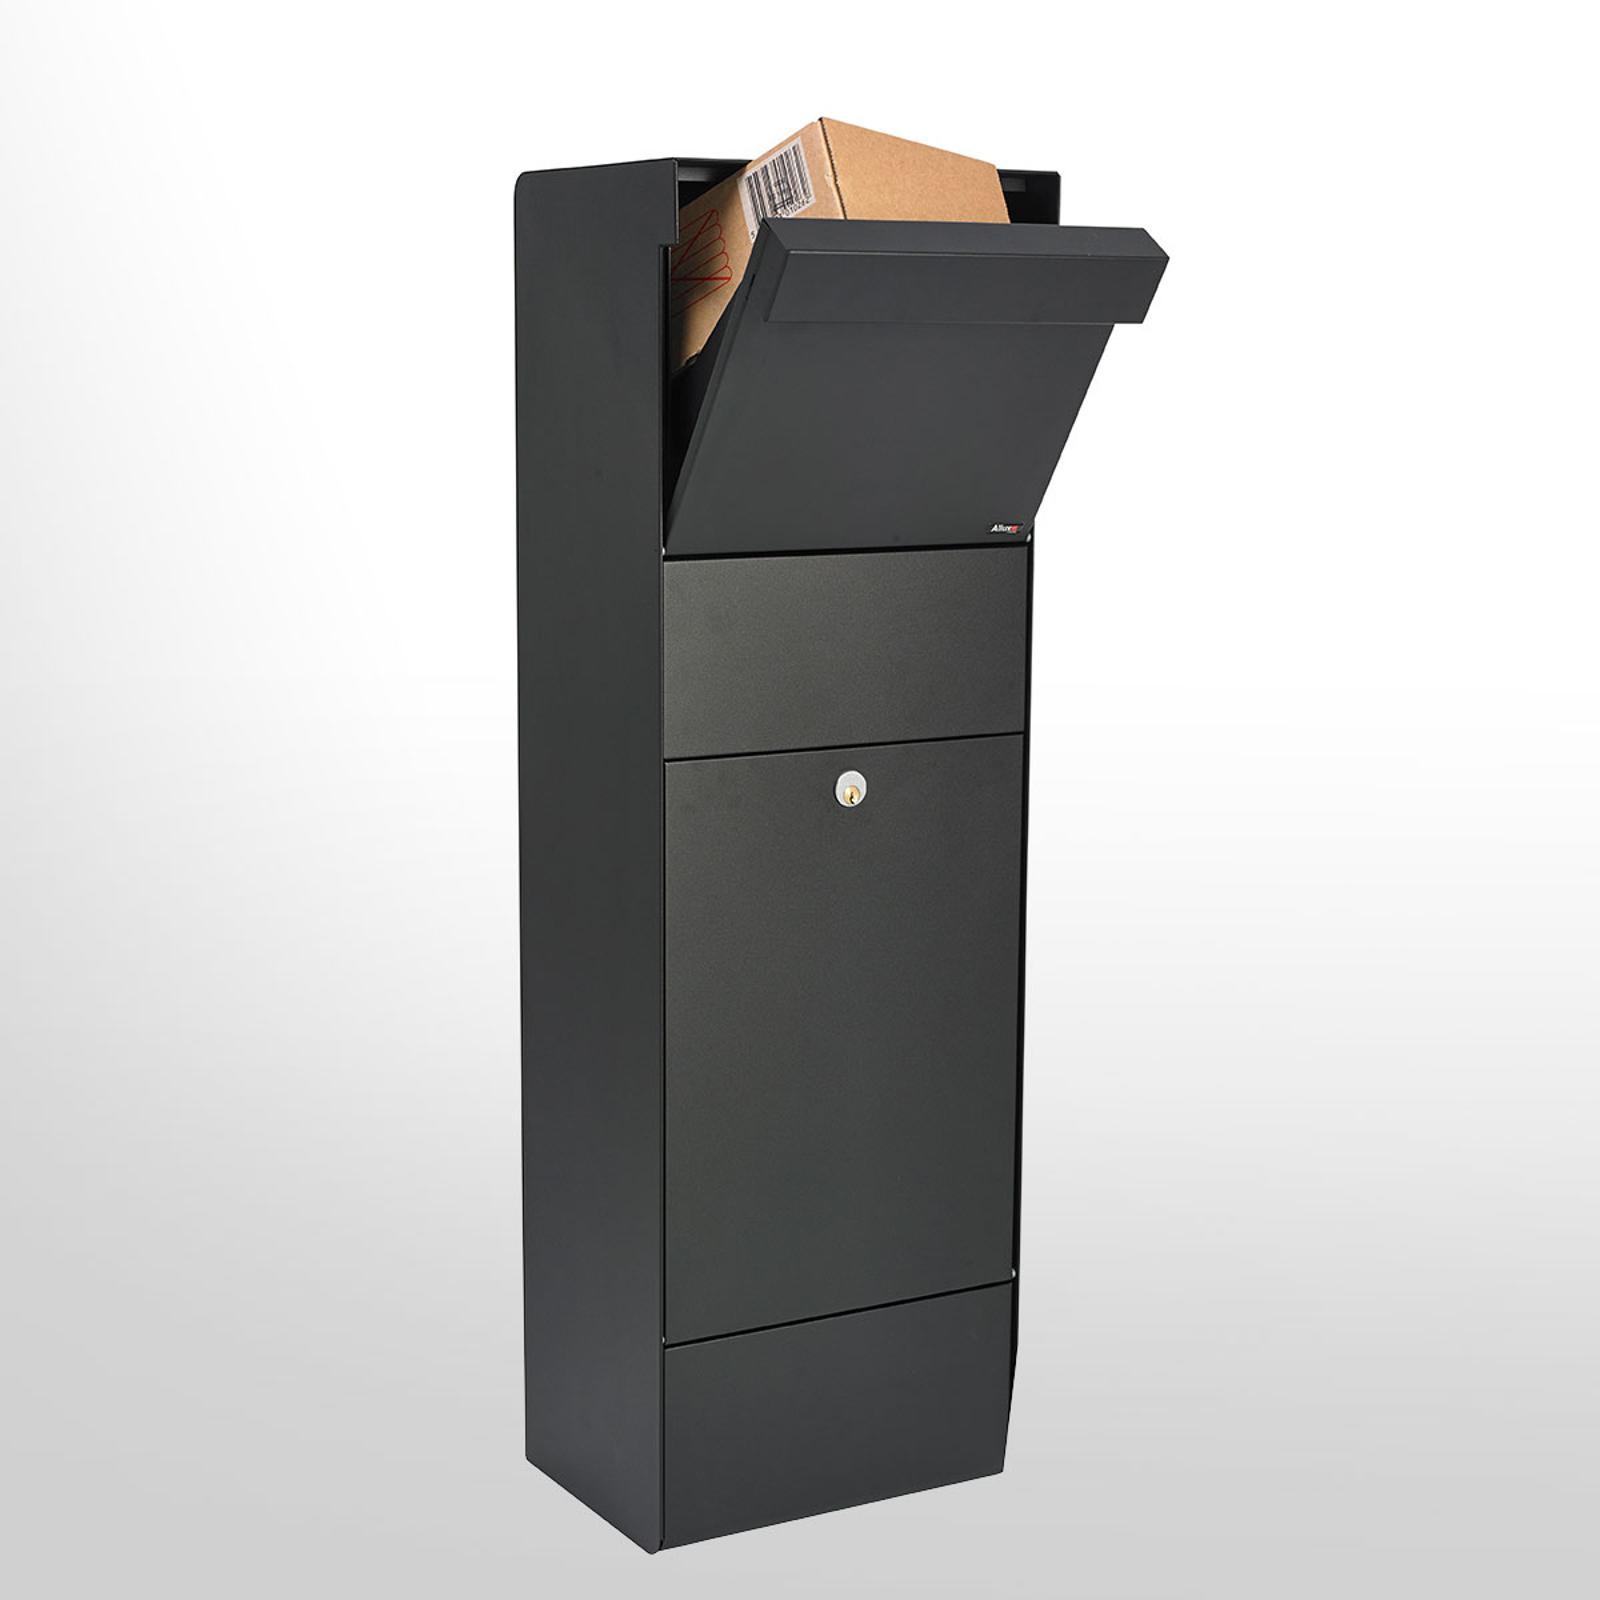 Spacious parcel letterbox Grundform Parcel_1045215_1